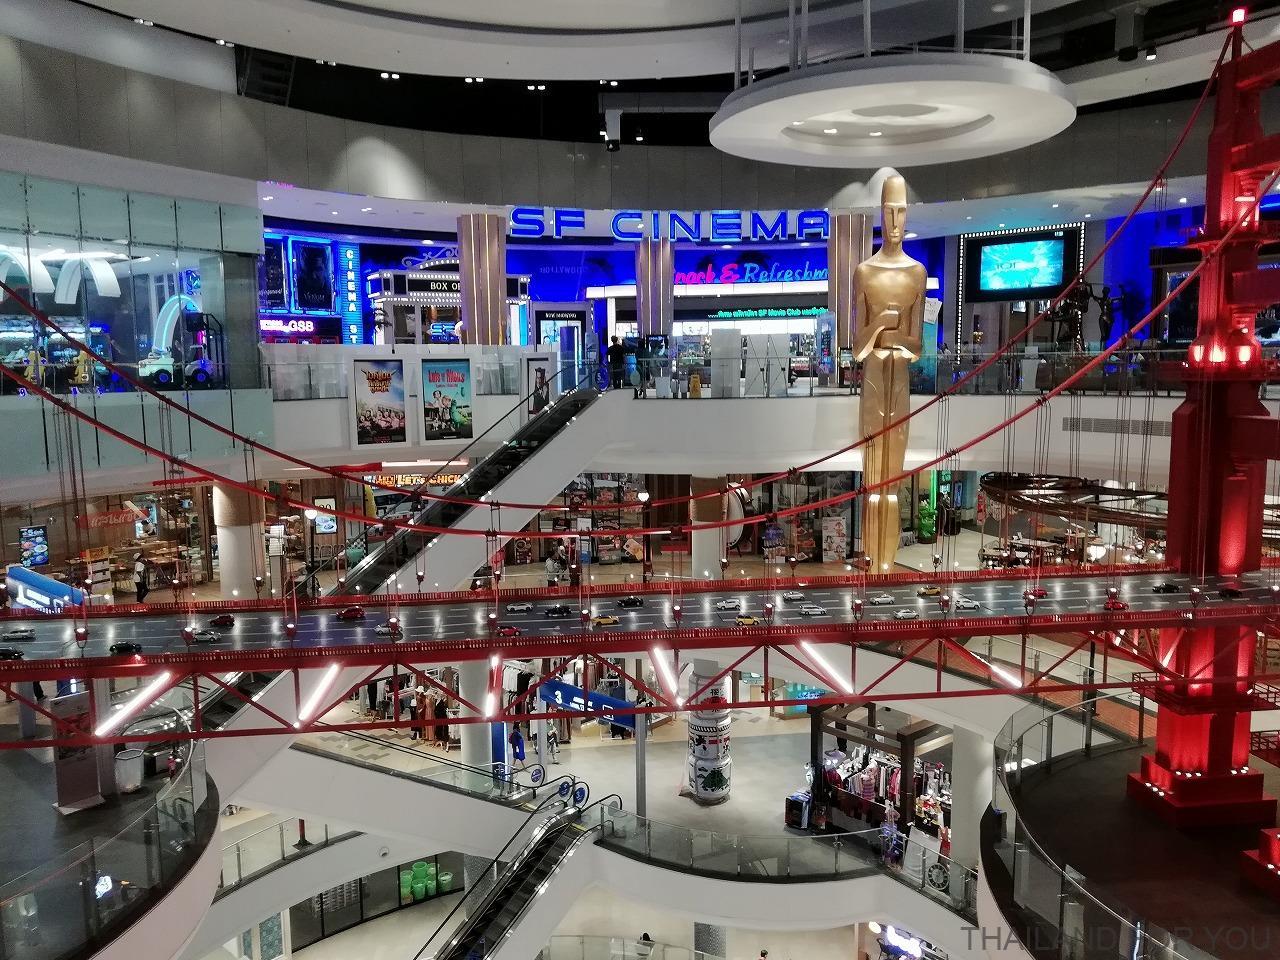 ターミナル21 コラート ハリウッド 写真 画像